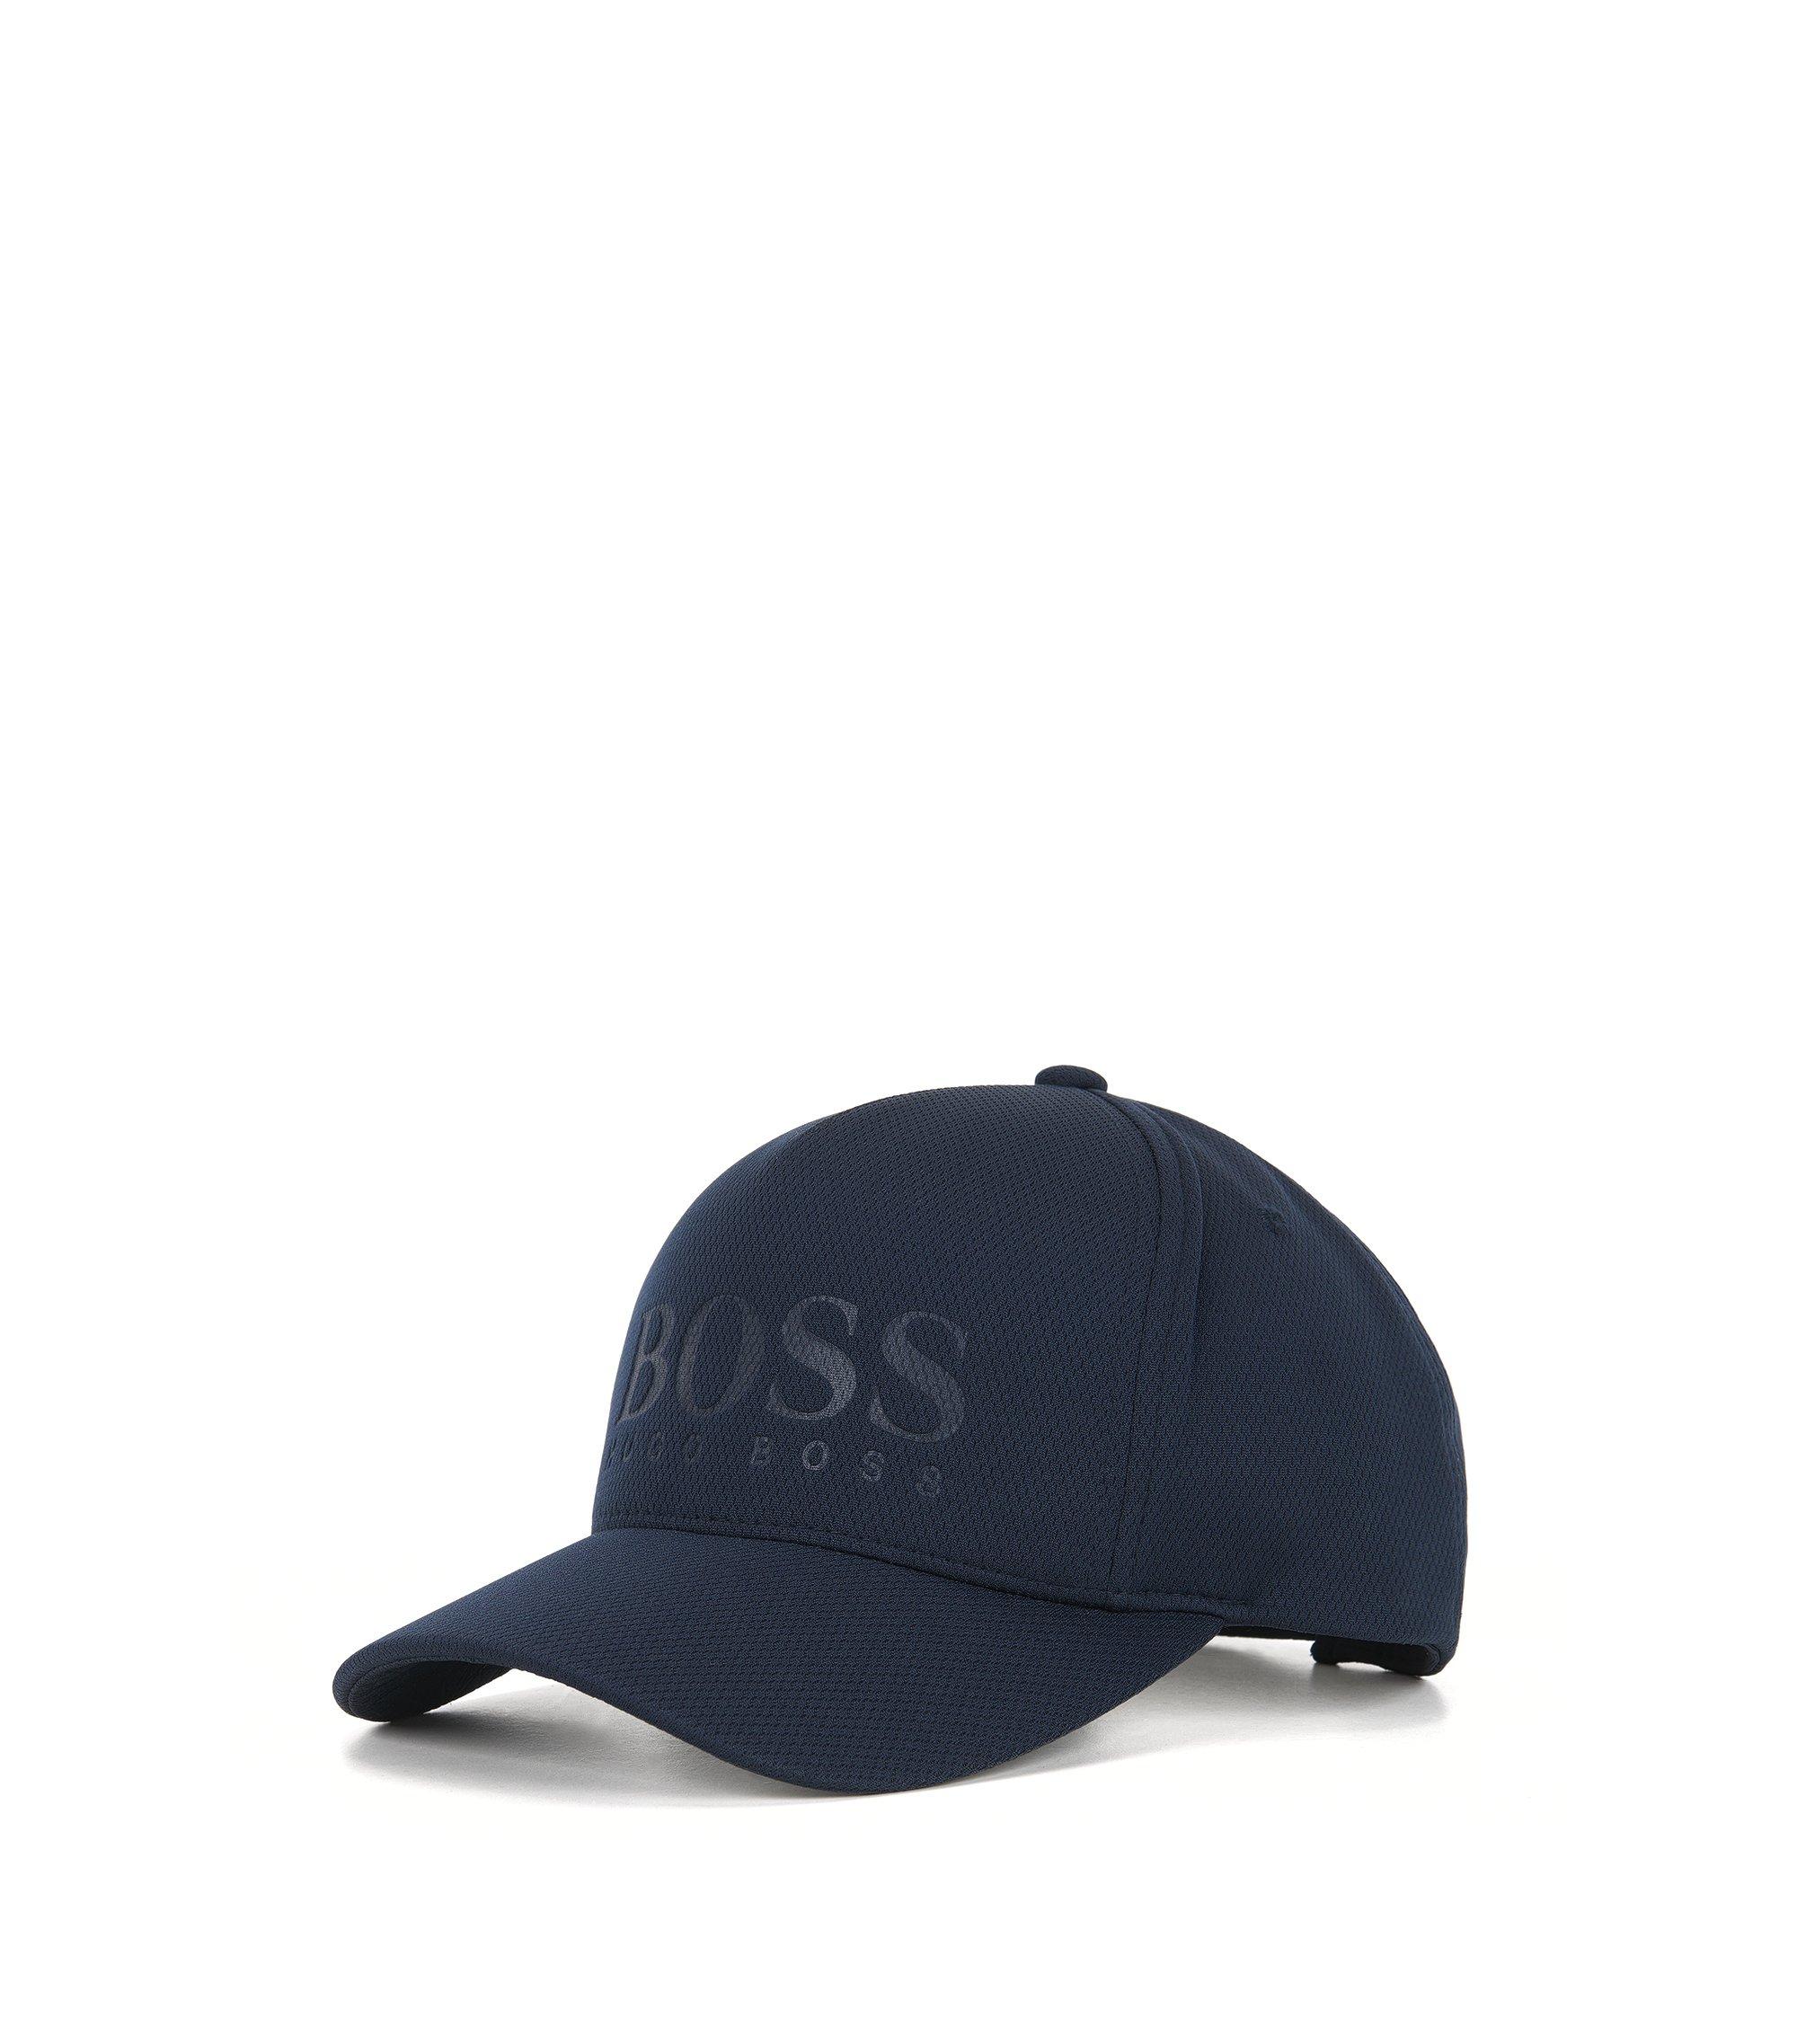 Cappellino da baseball in tessuto tecnico a nido d'ape, Blu scuro